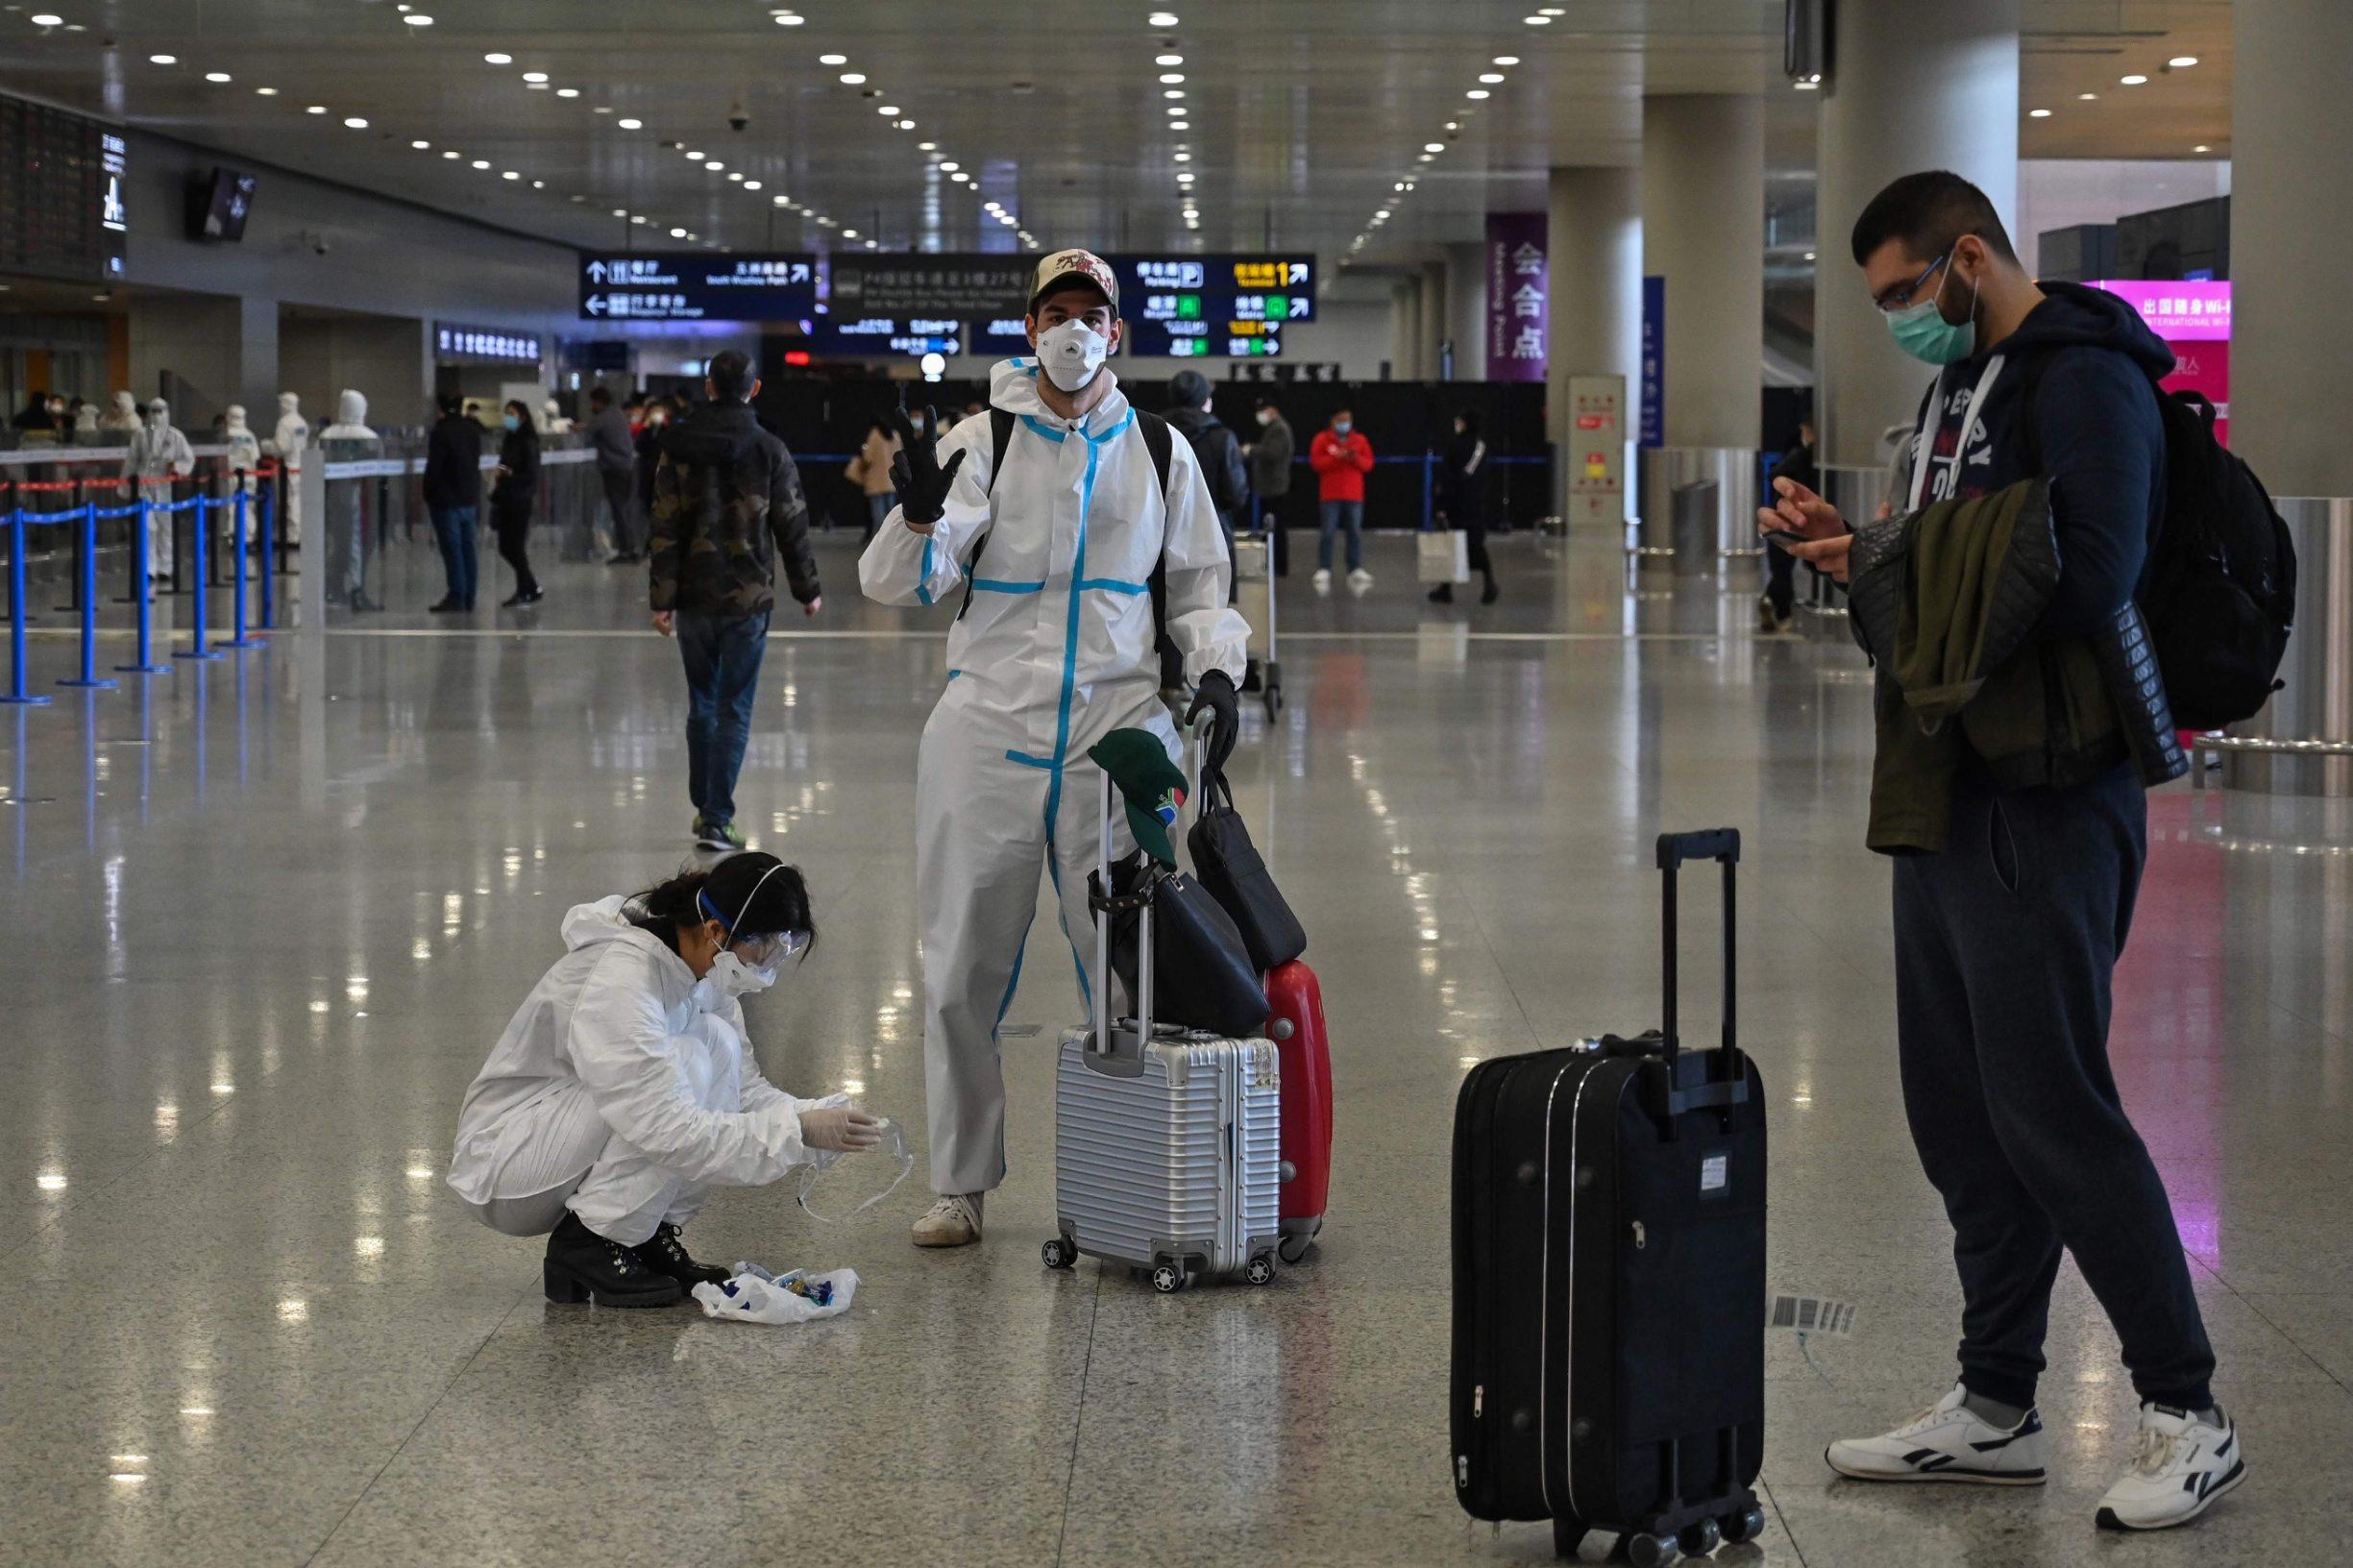 Putnici na aerodromu u Šangaju i dalje nose zaštitne maske kako bi i sebe i svoje suputnike pokušalo zaštititi od novog koronavirusa